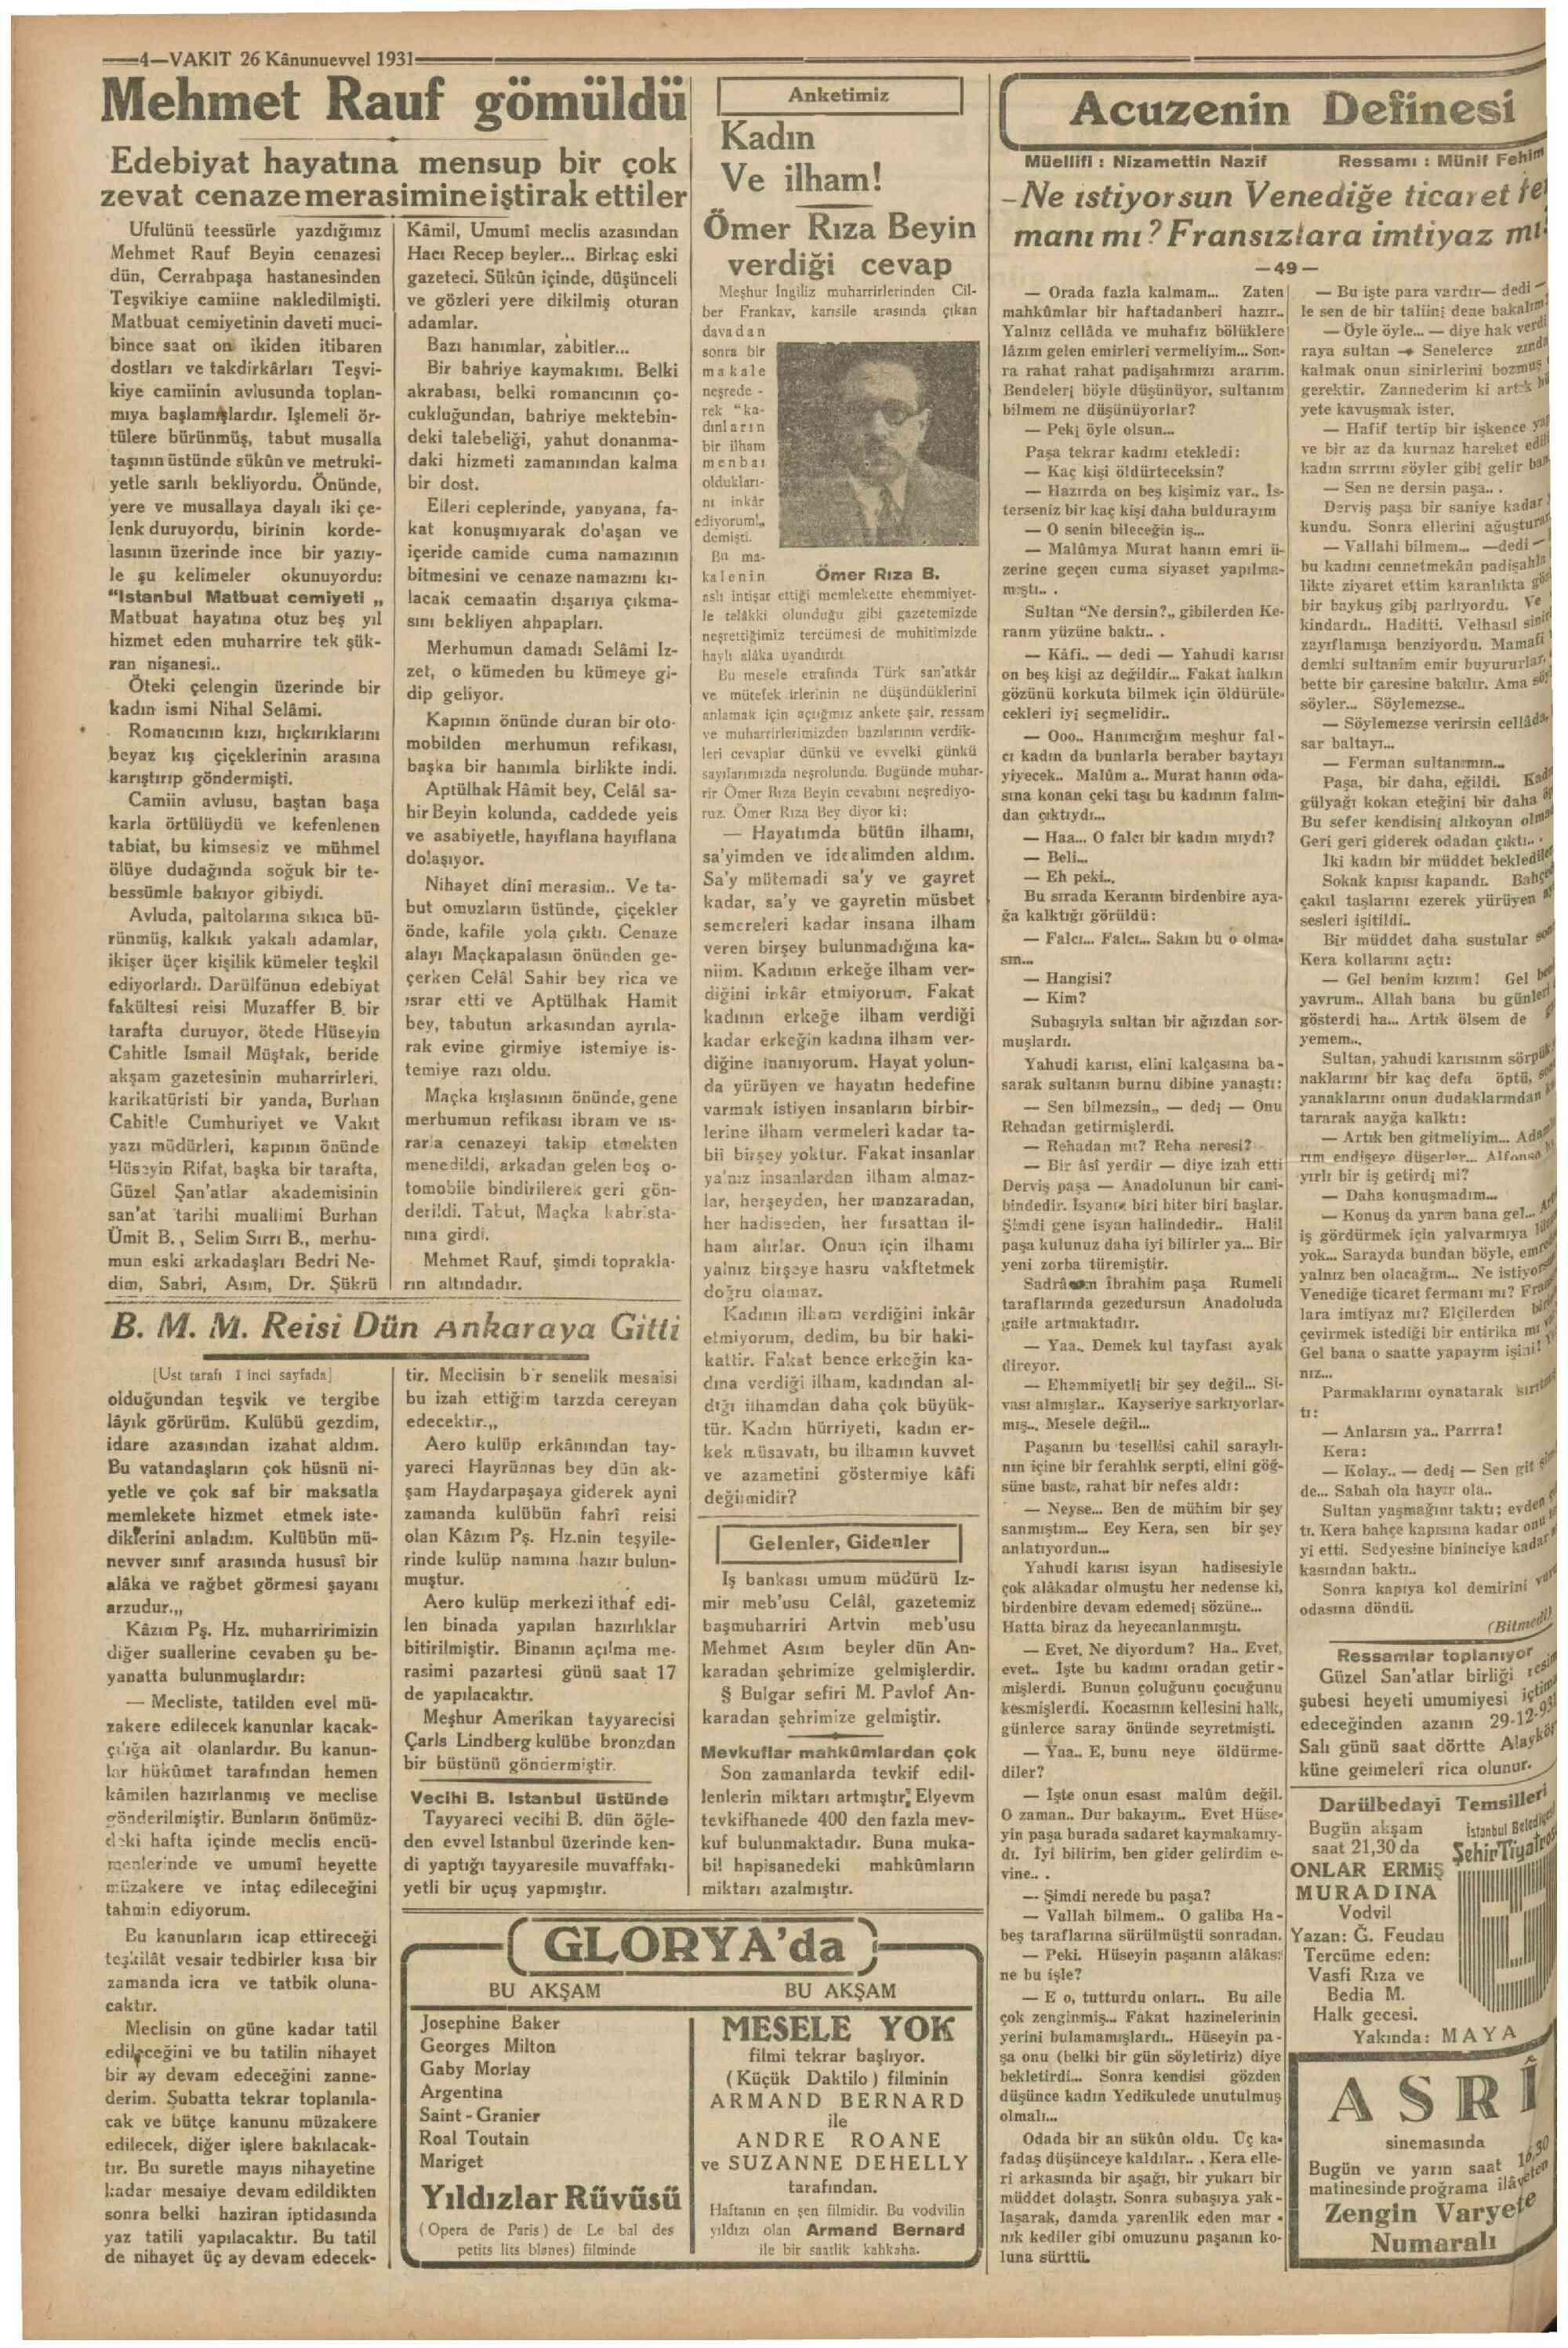 26 Aralık 1931 Tarihli Vakit Gazetesi Sayfa 4